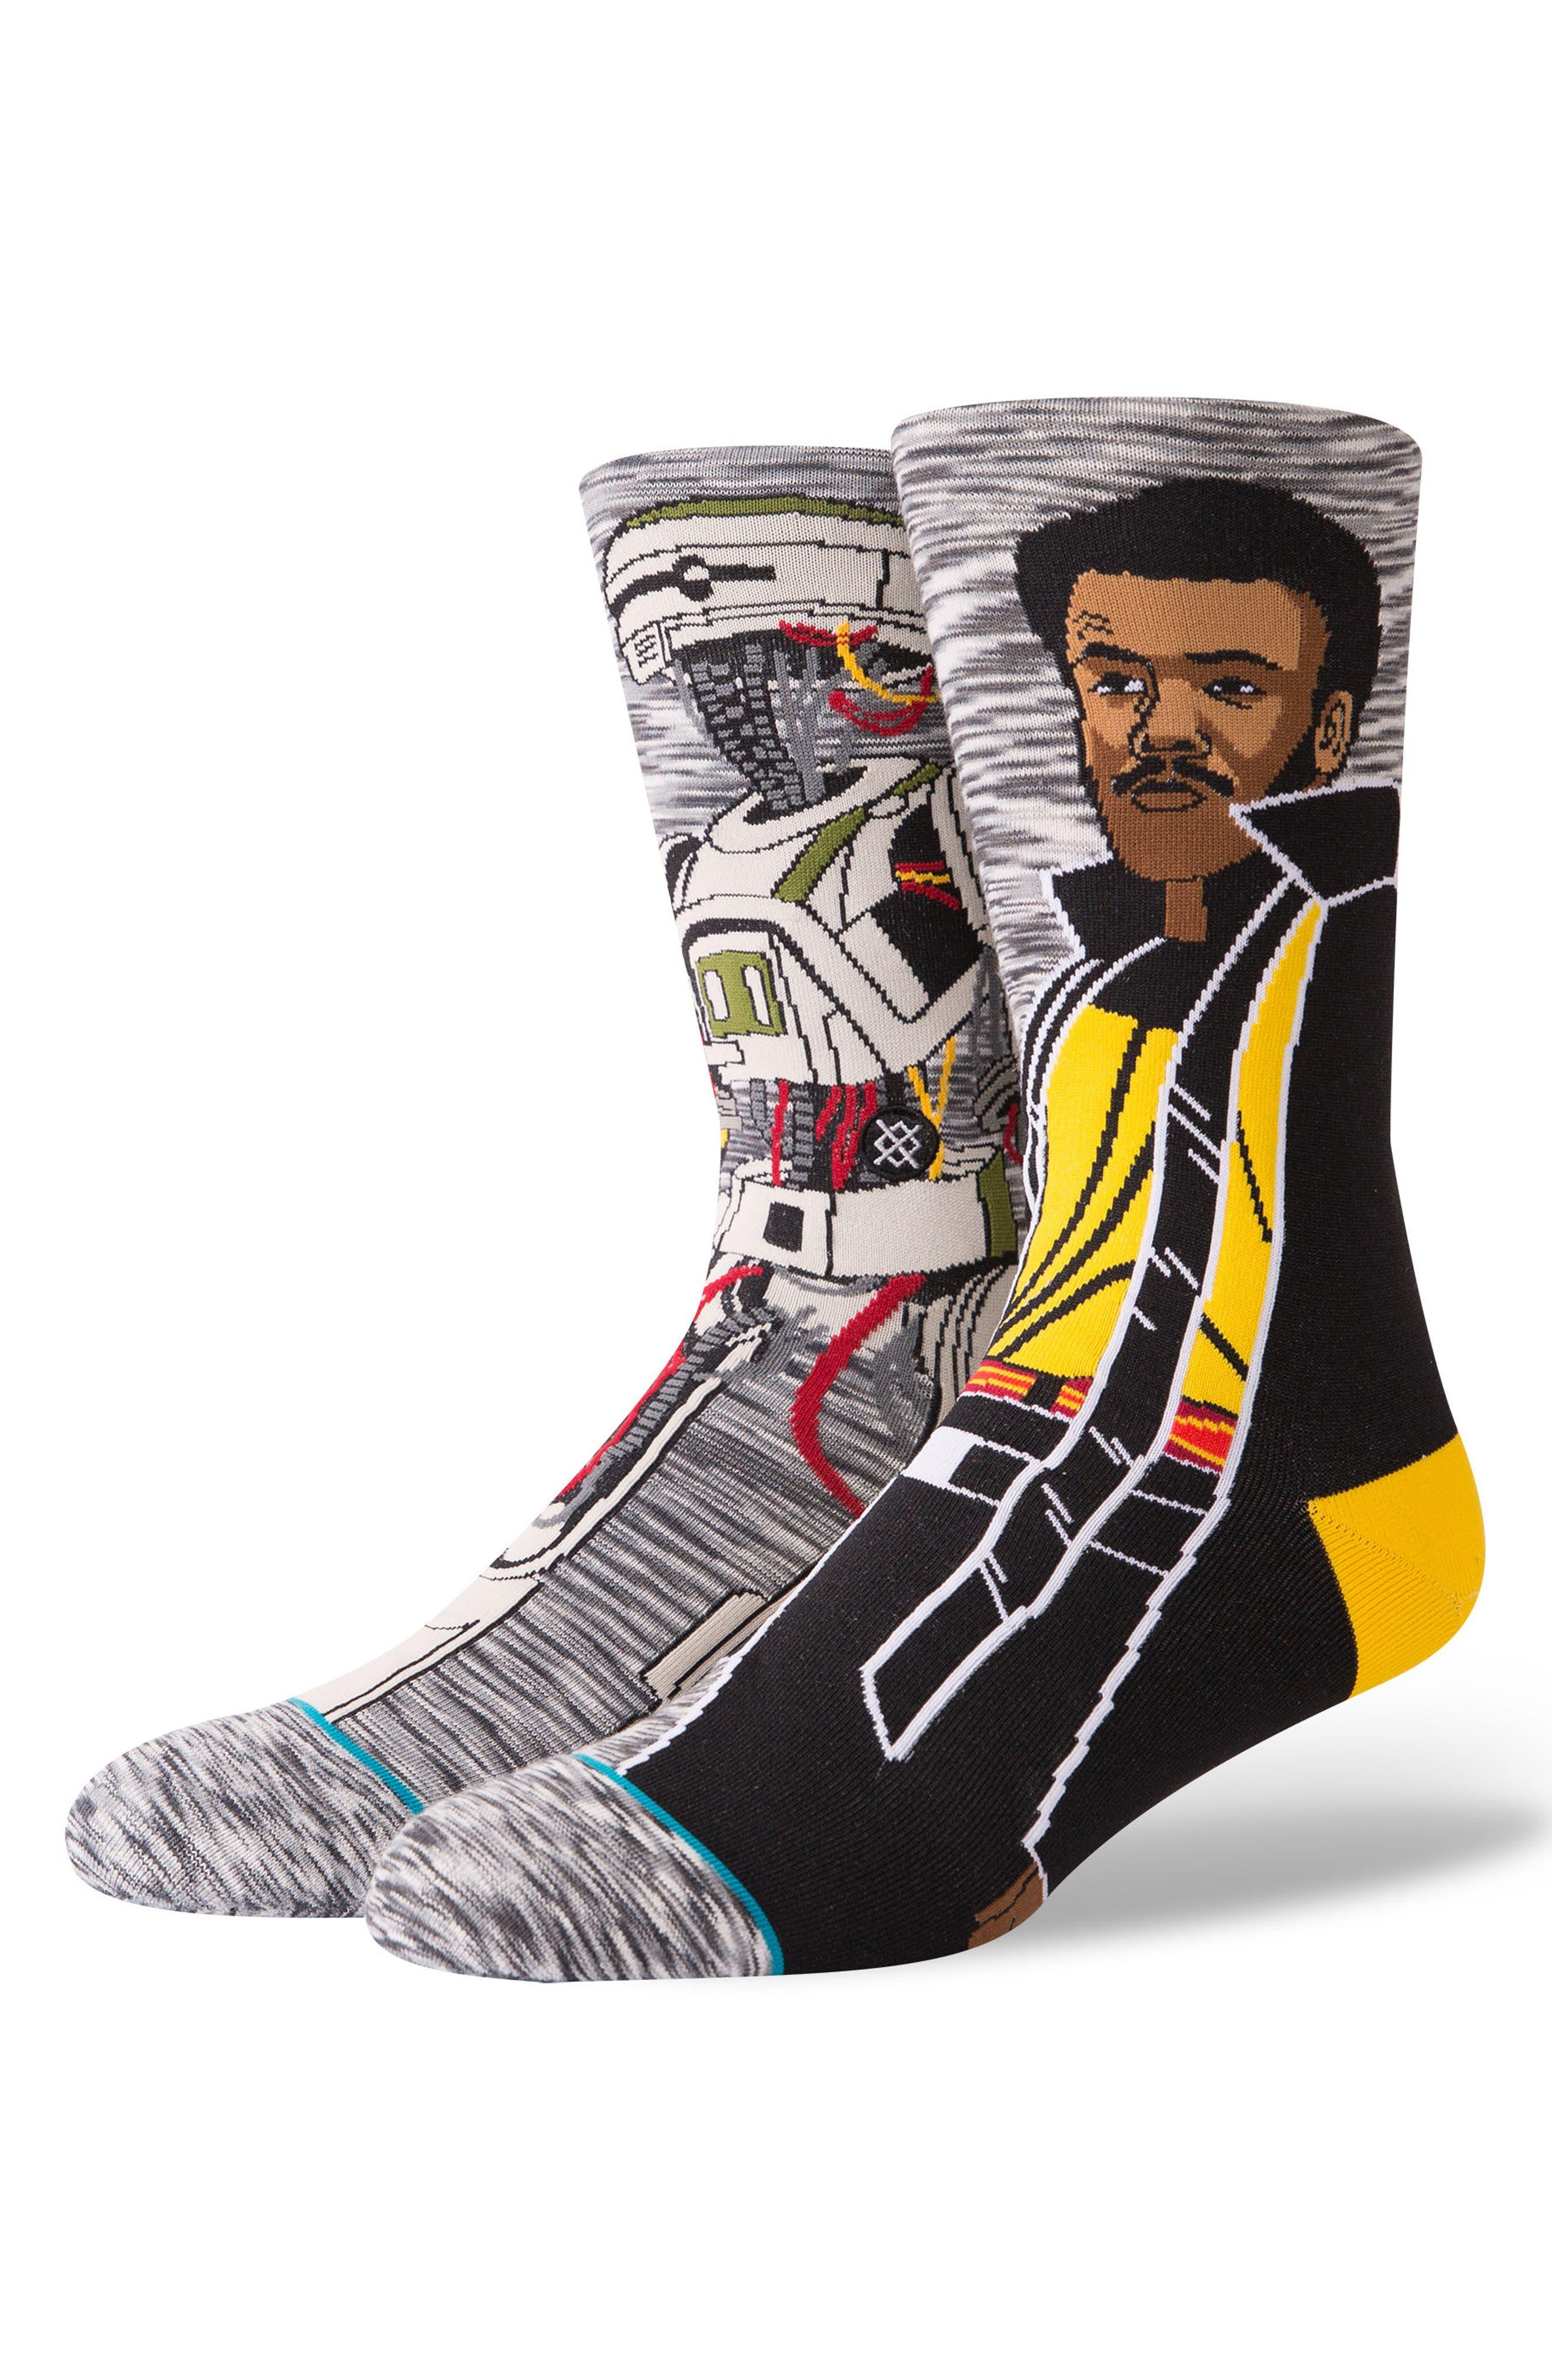 Star Wars Calrissian Socks,                             Main thumbnail 1, color,                             Grey